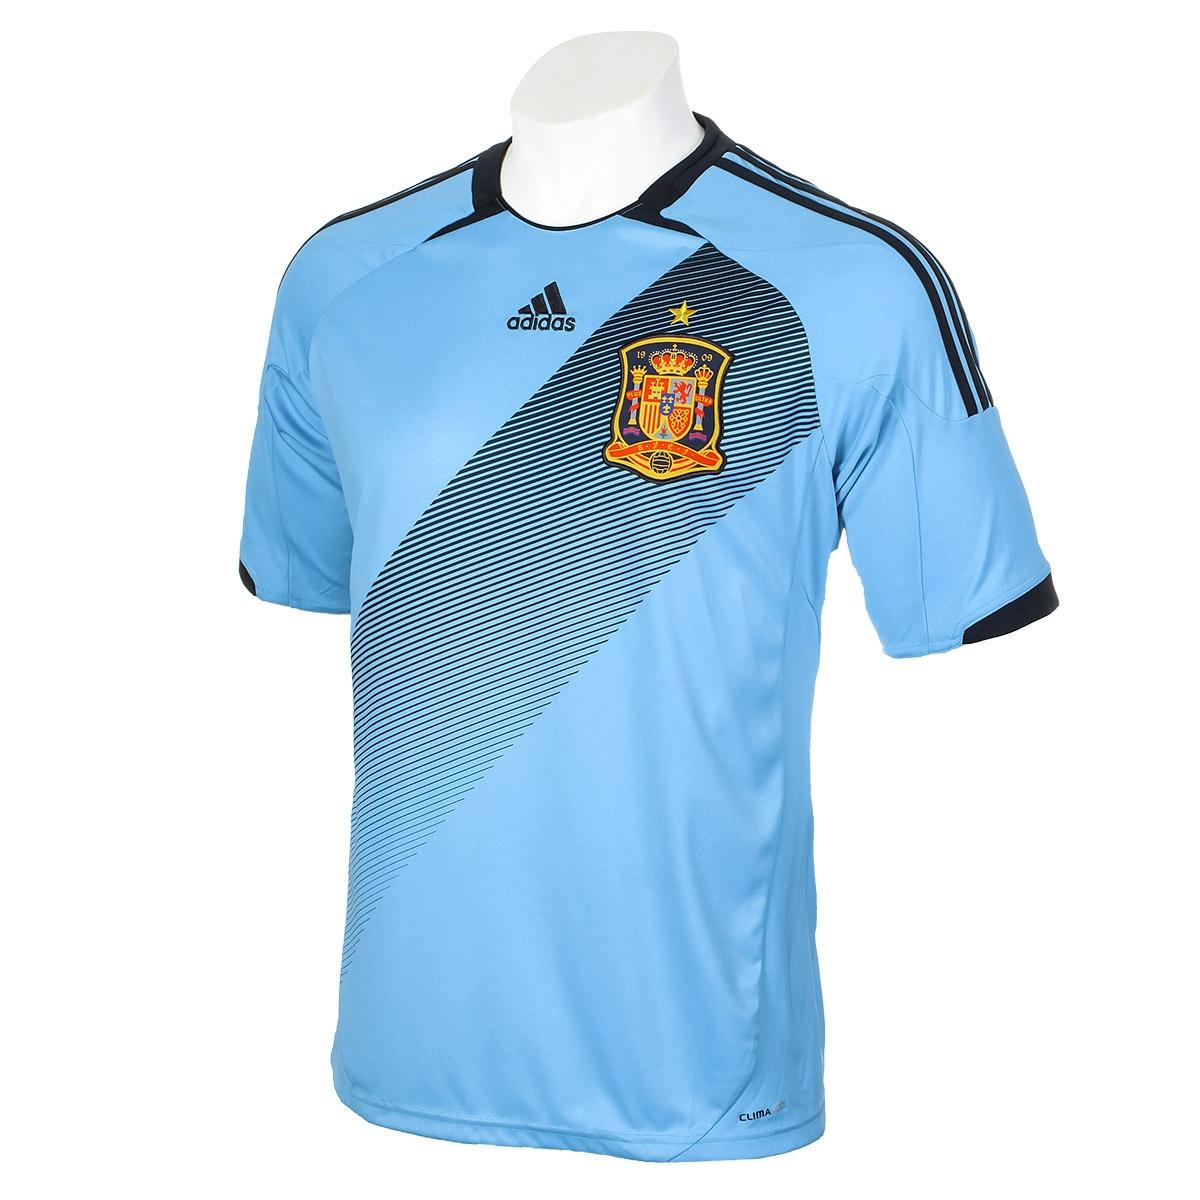 camisa adidas seleção espanha away 2012 euro copa uefa troco. Carregando  zoom. fb19e25ae3a25